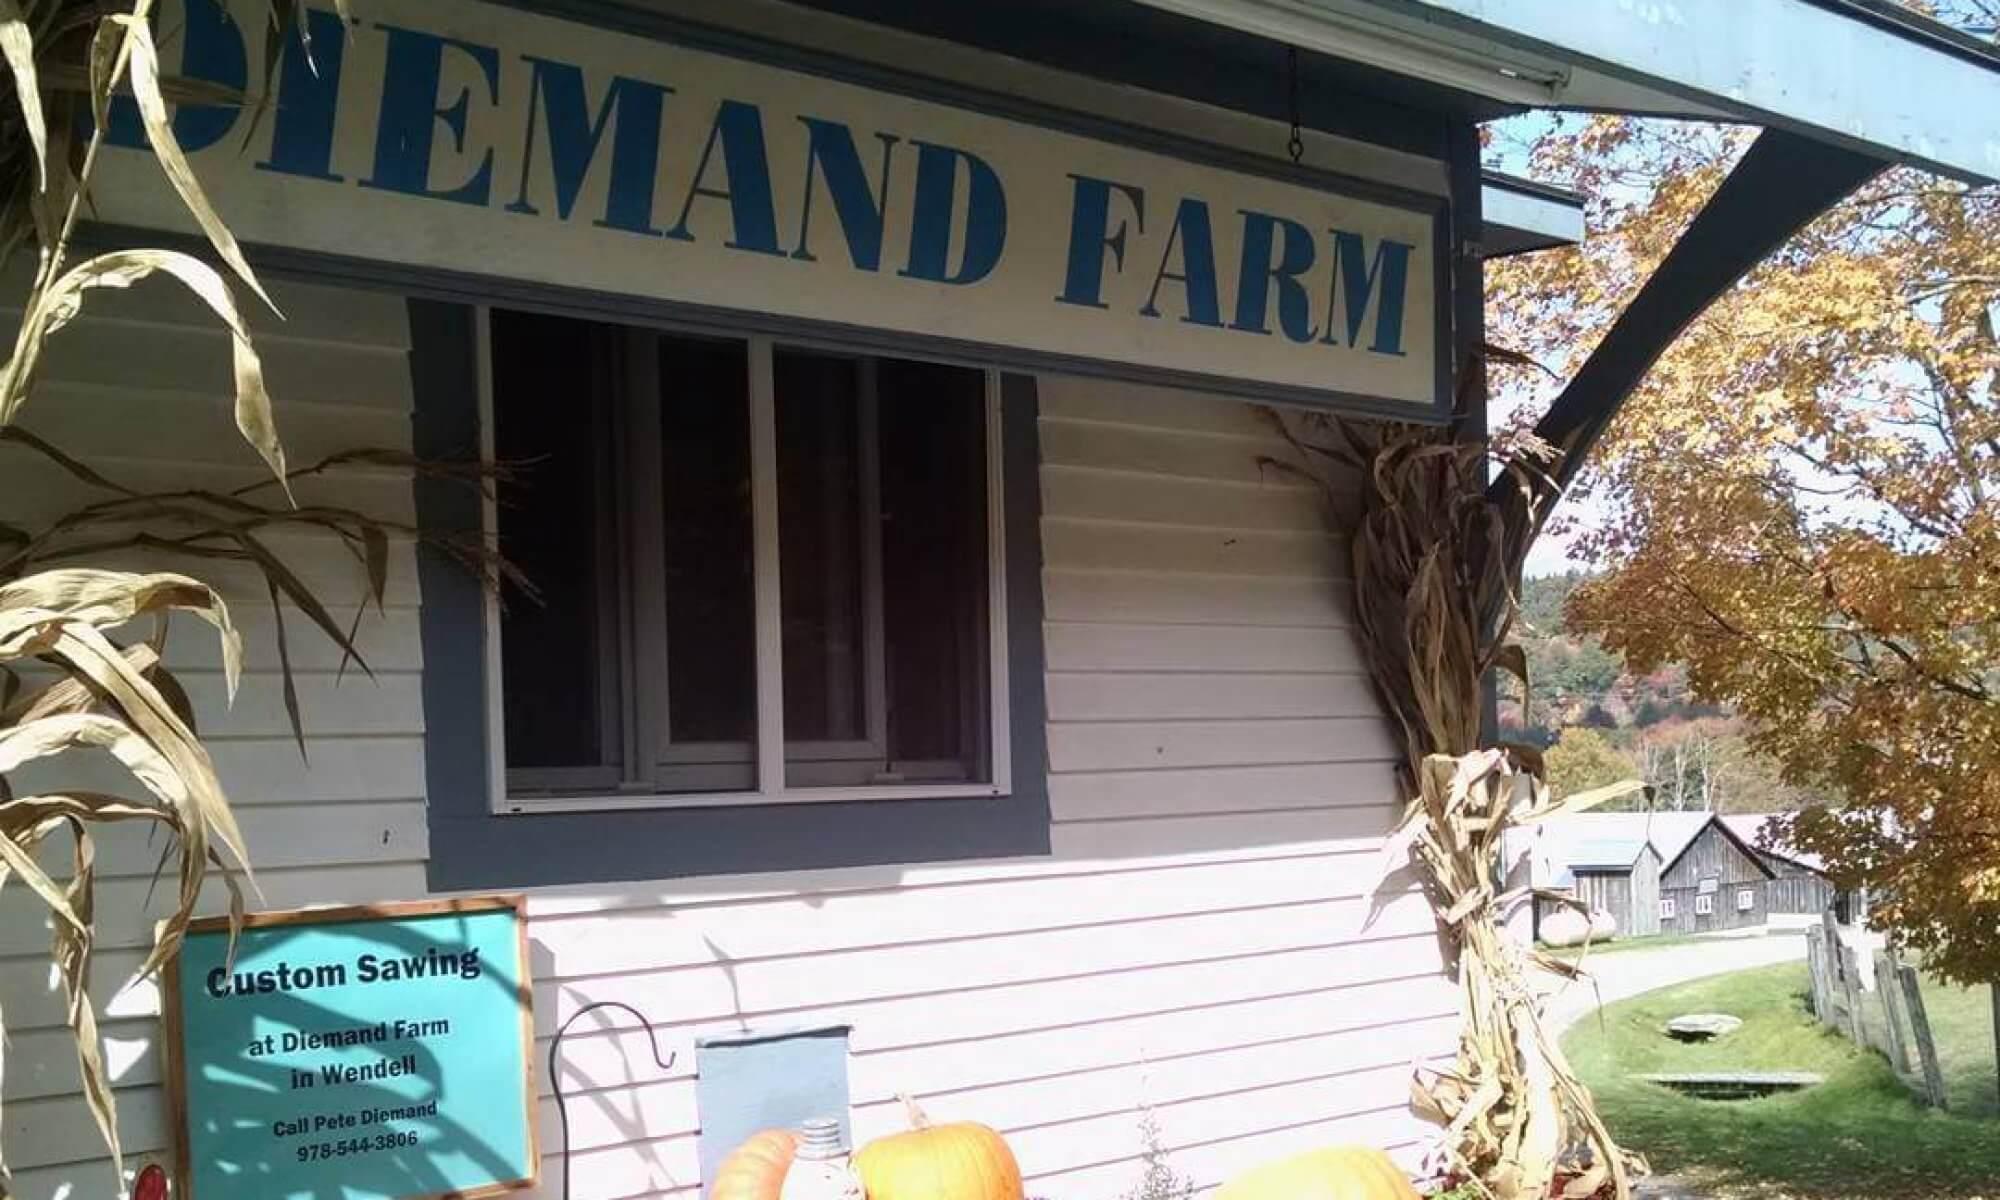 The Diemand Farm